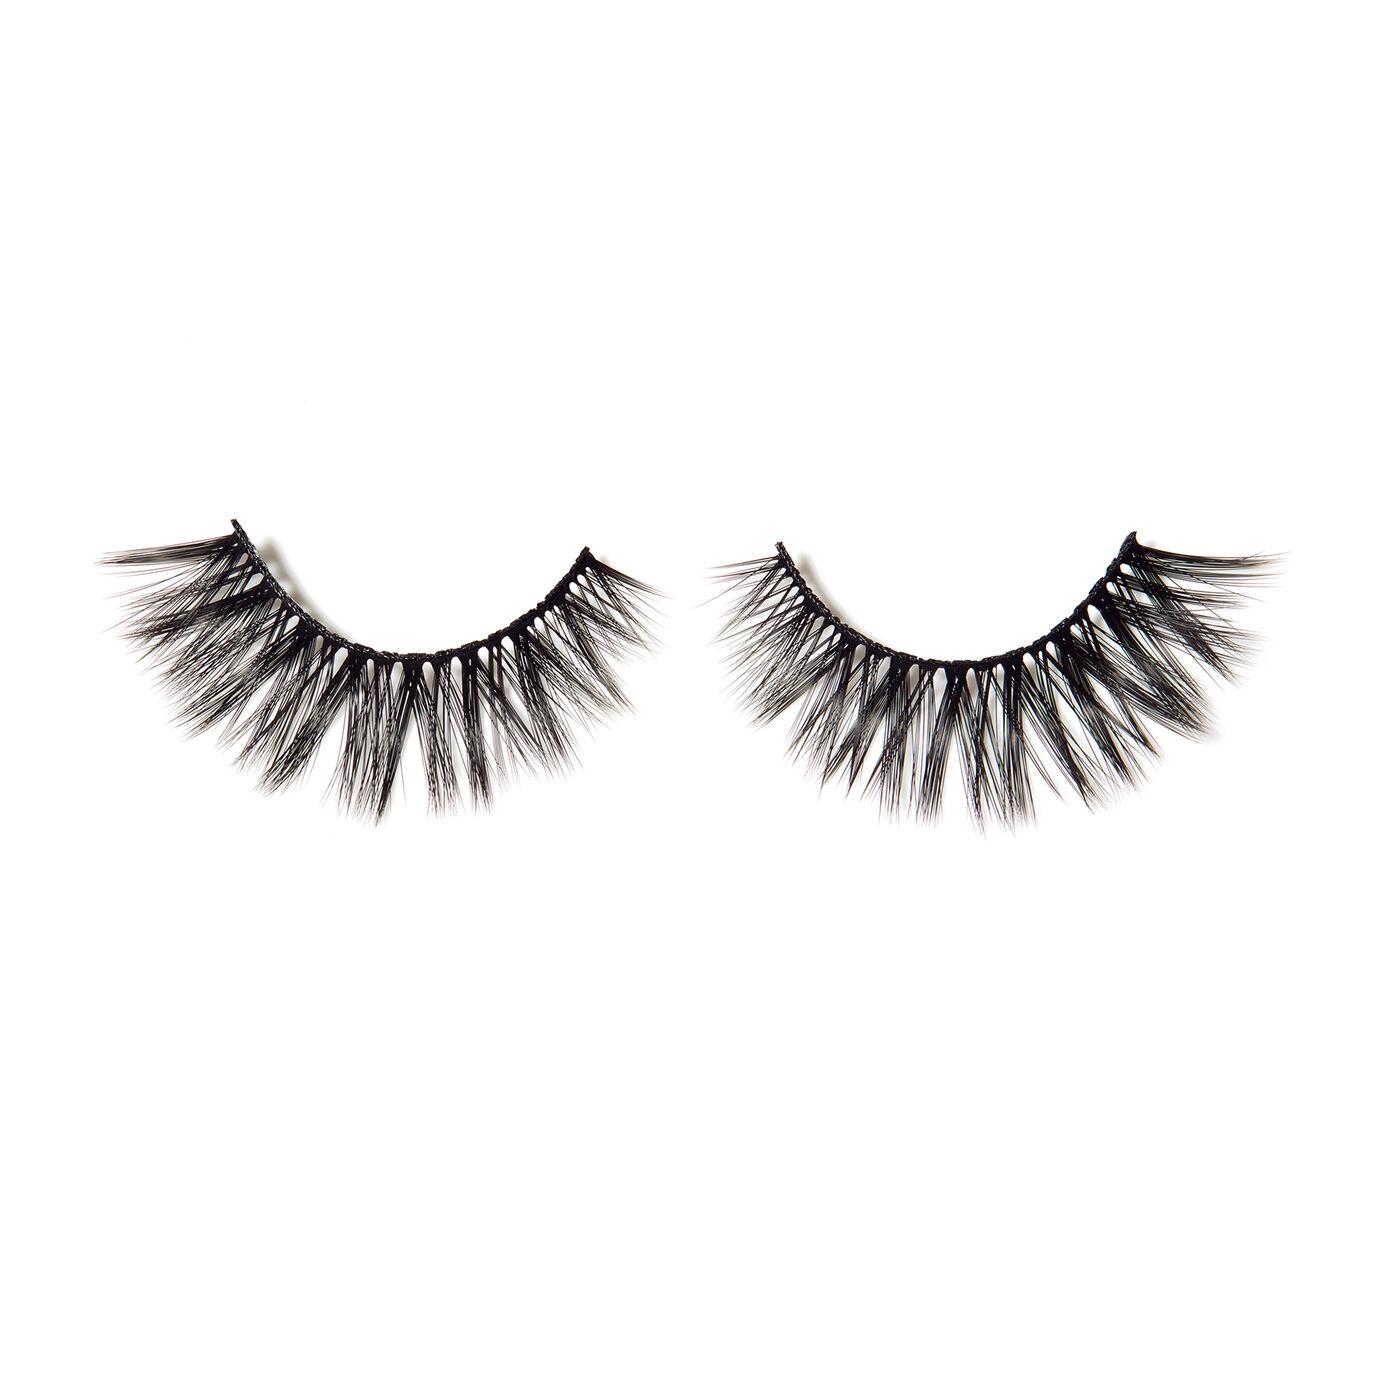 NORVINA® False Eyelashes - Dreamy